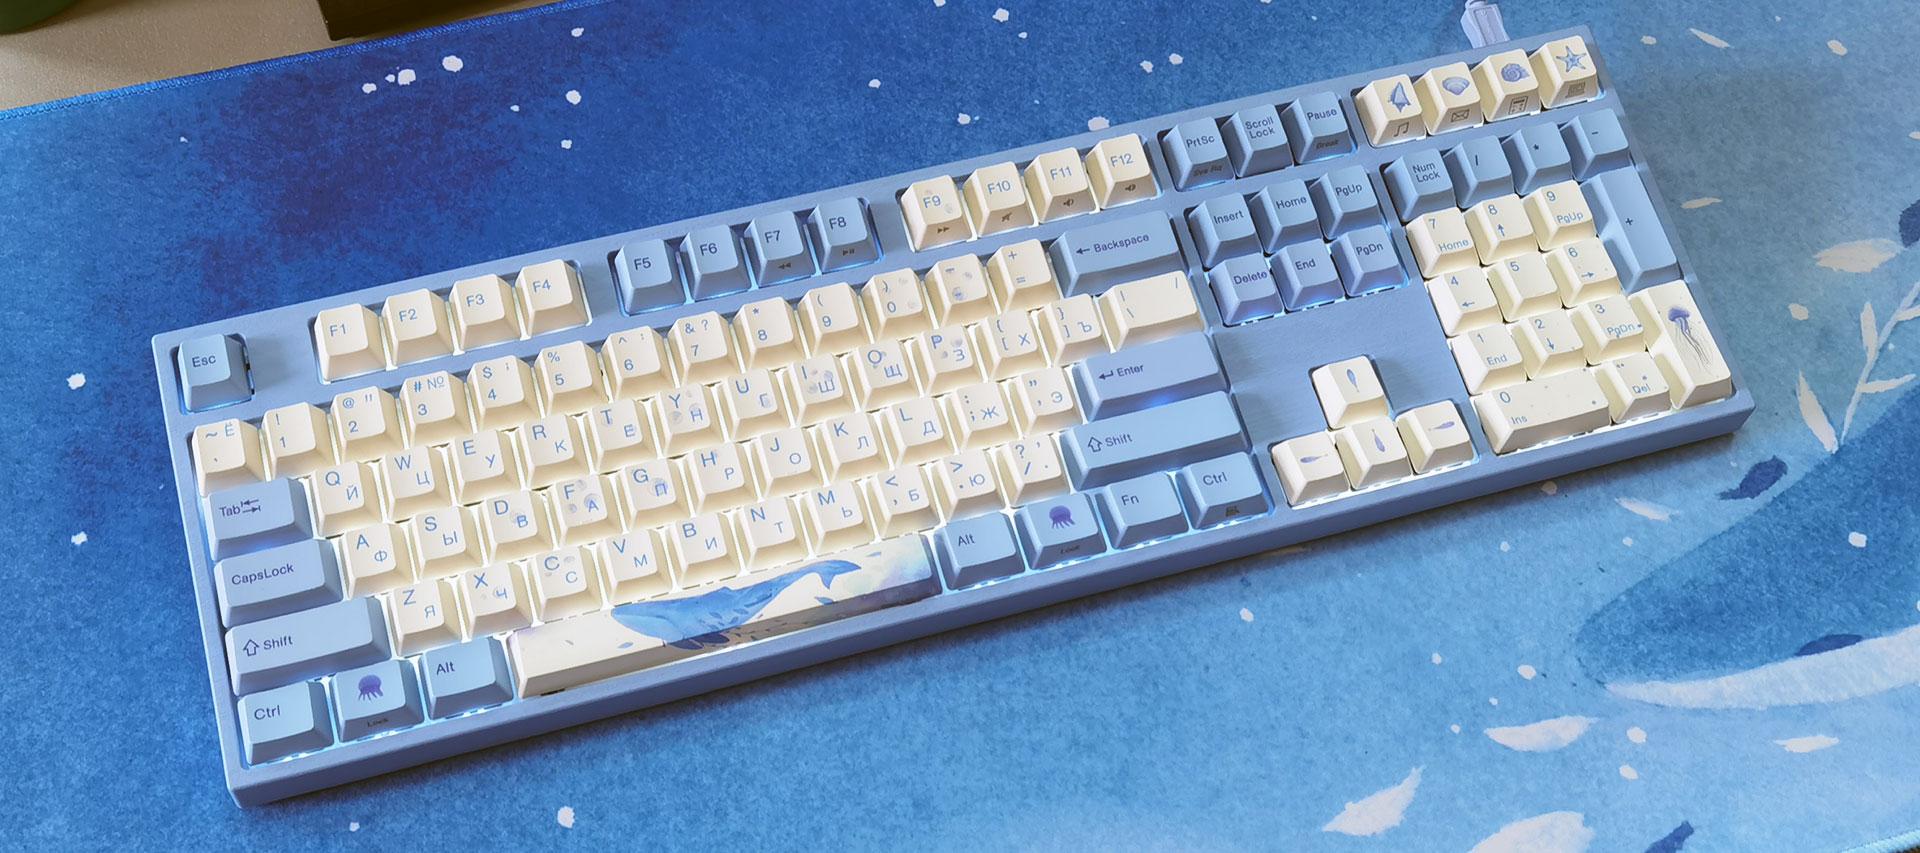 Обзор Varmilo VA108M Sea Melody: механическая клавиатура класса Hi-End